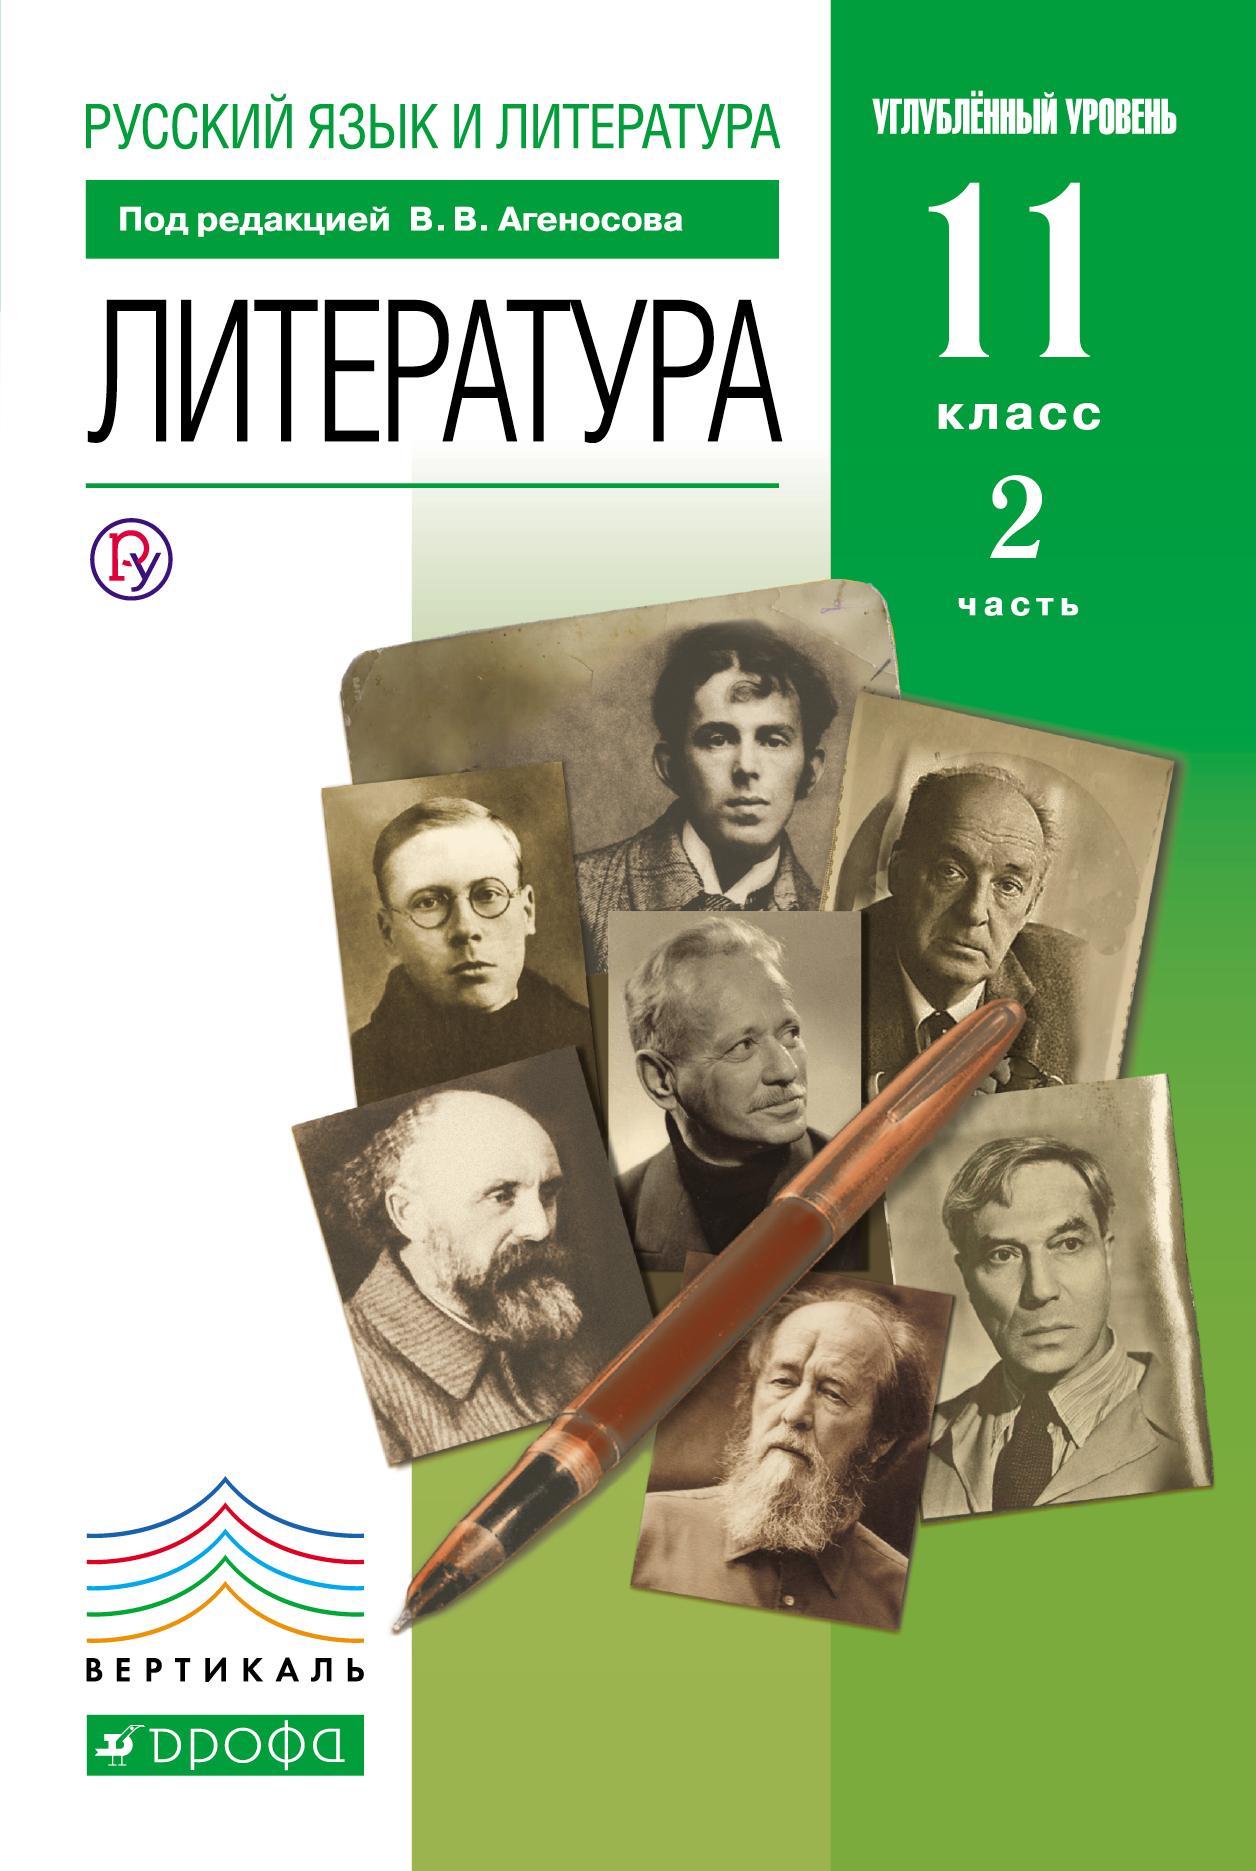 Литература. 11 класс. Учебник. ч.2. (углубл.уровень) ВЕРТИКАЛЬ